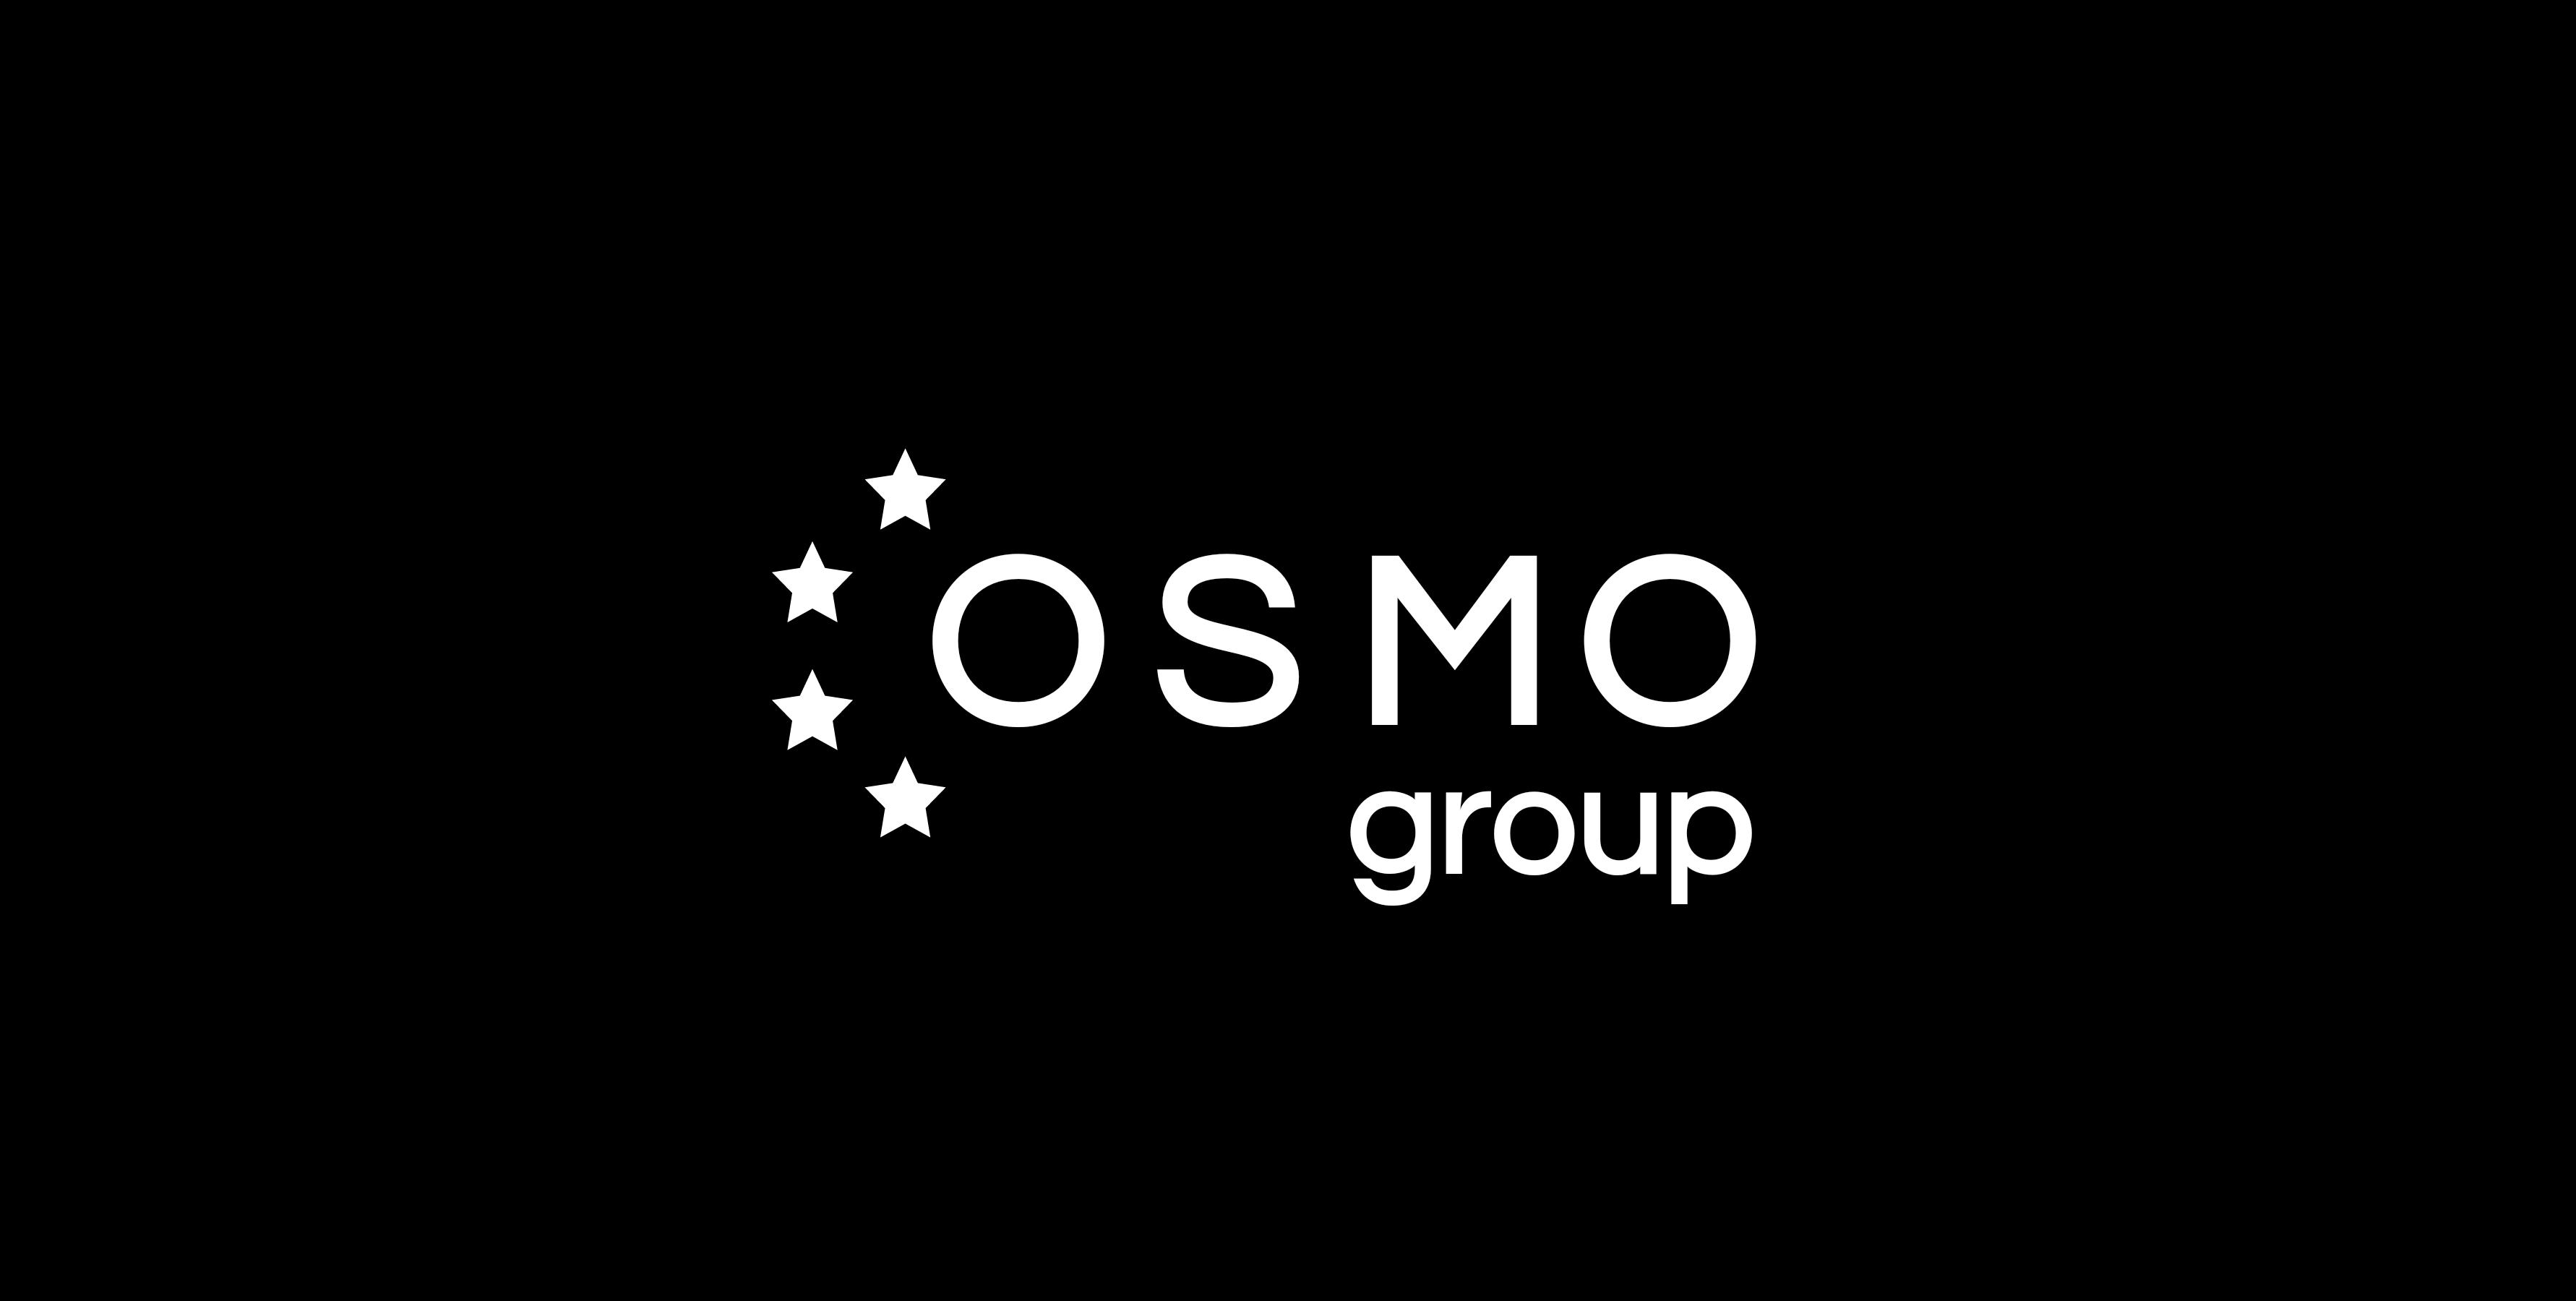 Создание логотипа для строительной компании OSMO group  фото f_22259b6ef071096e.png